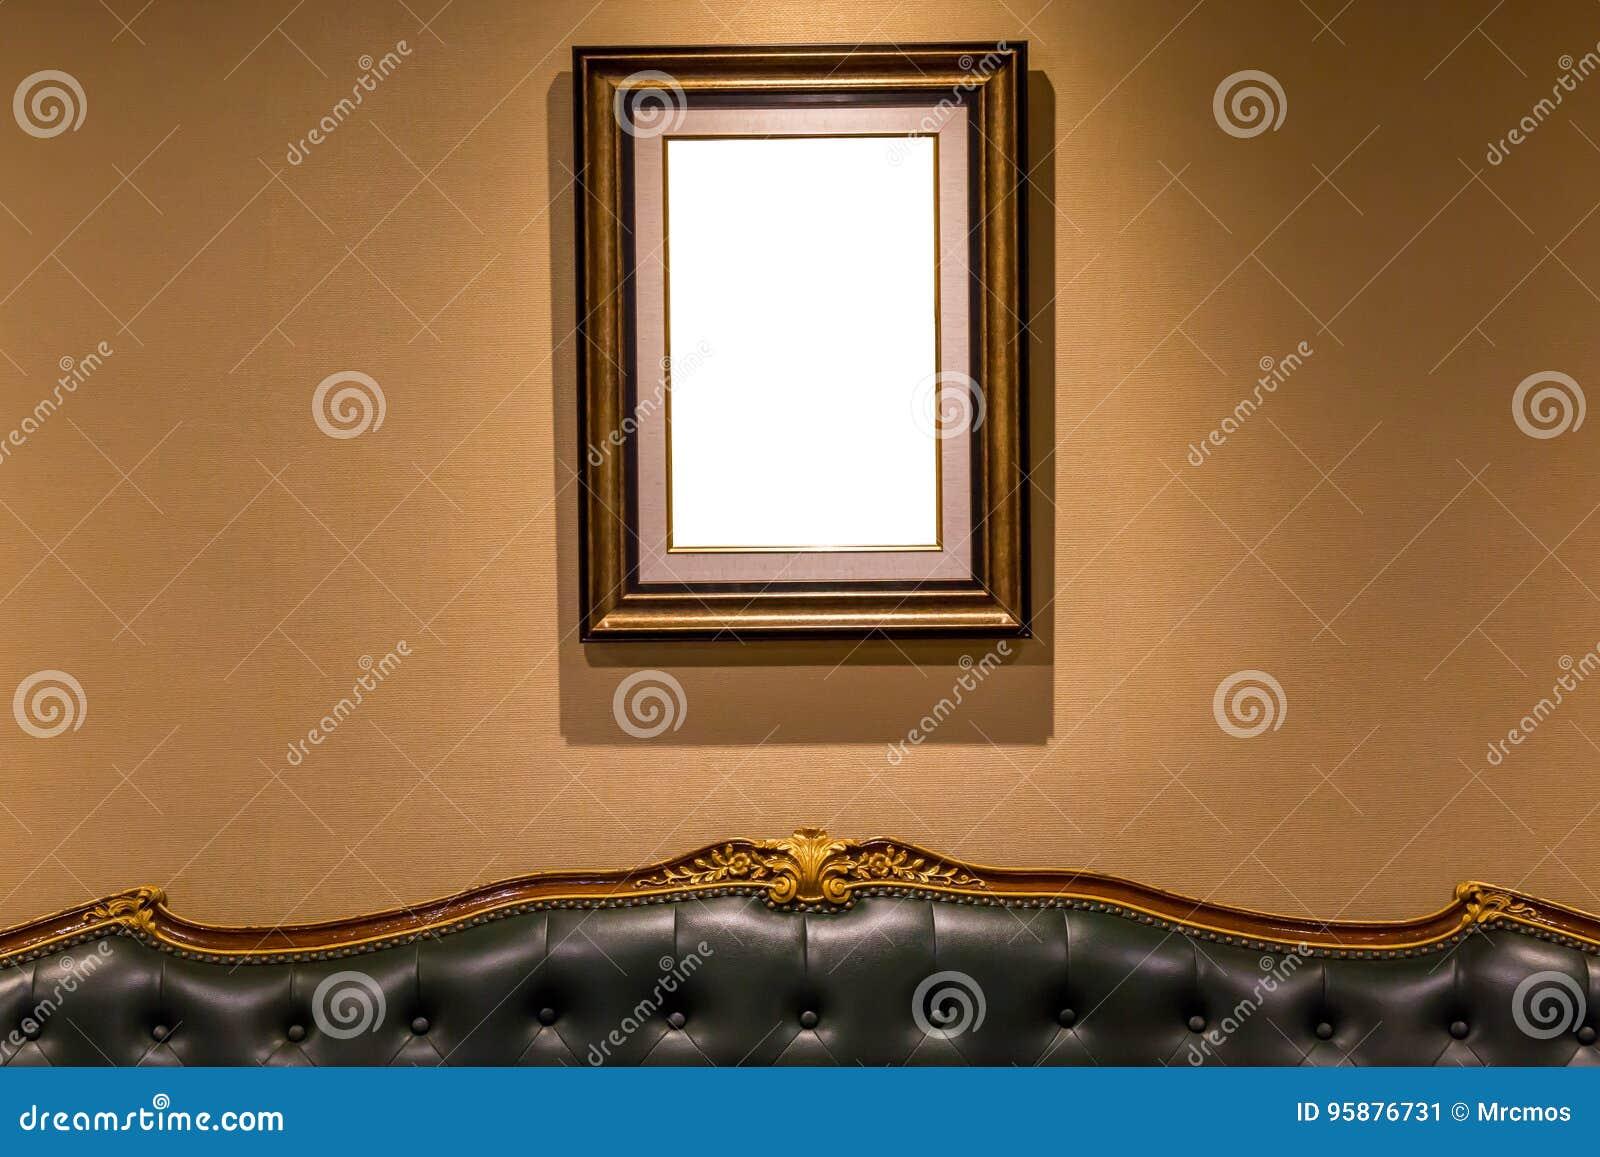 垂悬在沙发上的墙壁, int上的空白的豪华照片框架